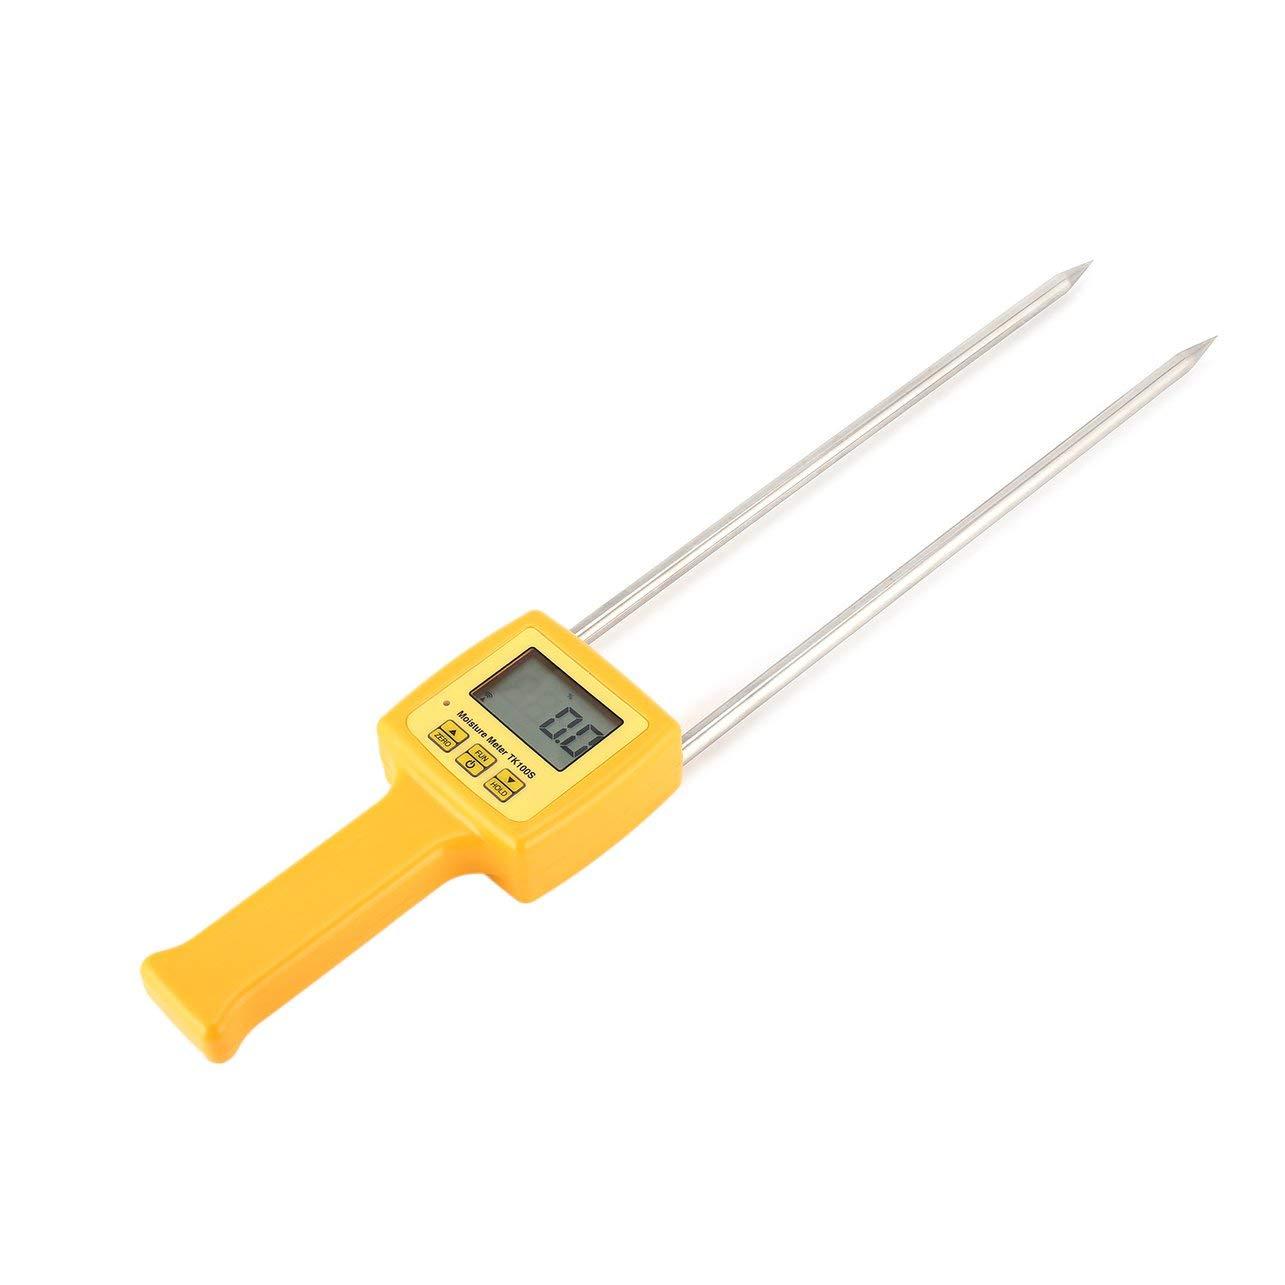 Medidor de Humedad del Grano probador del Metro de Maíz Trigo Arroz (Color: Amarillo)